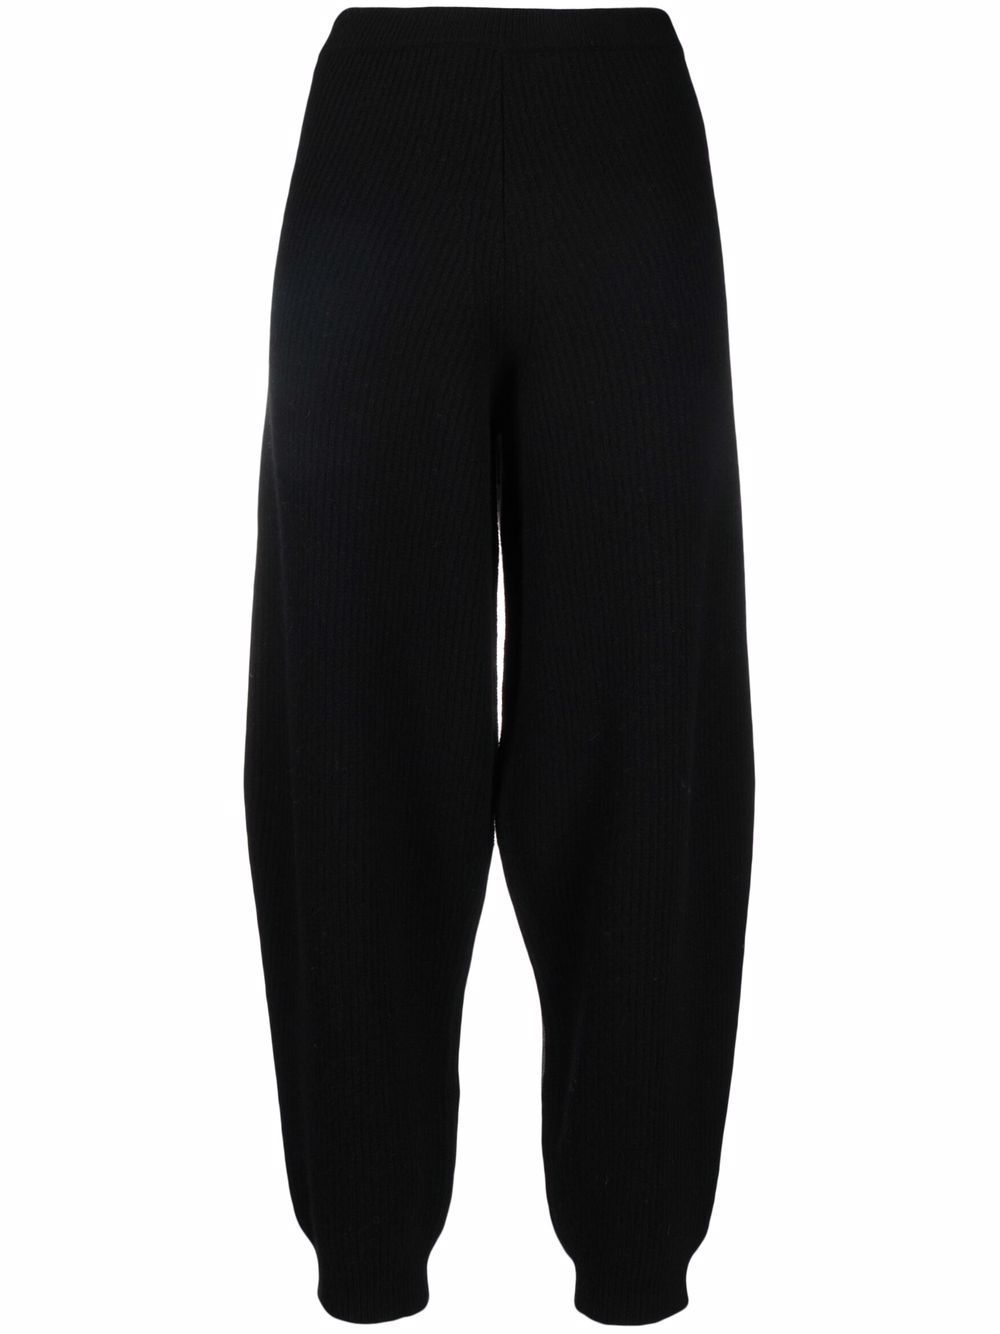 Pantalone elisee in lana